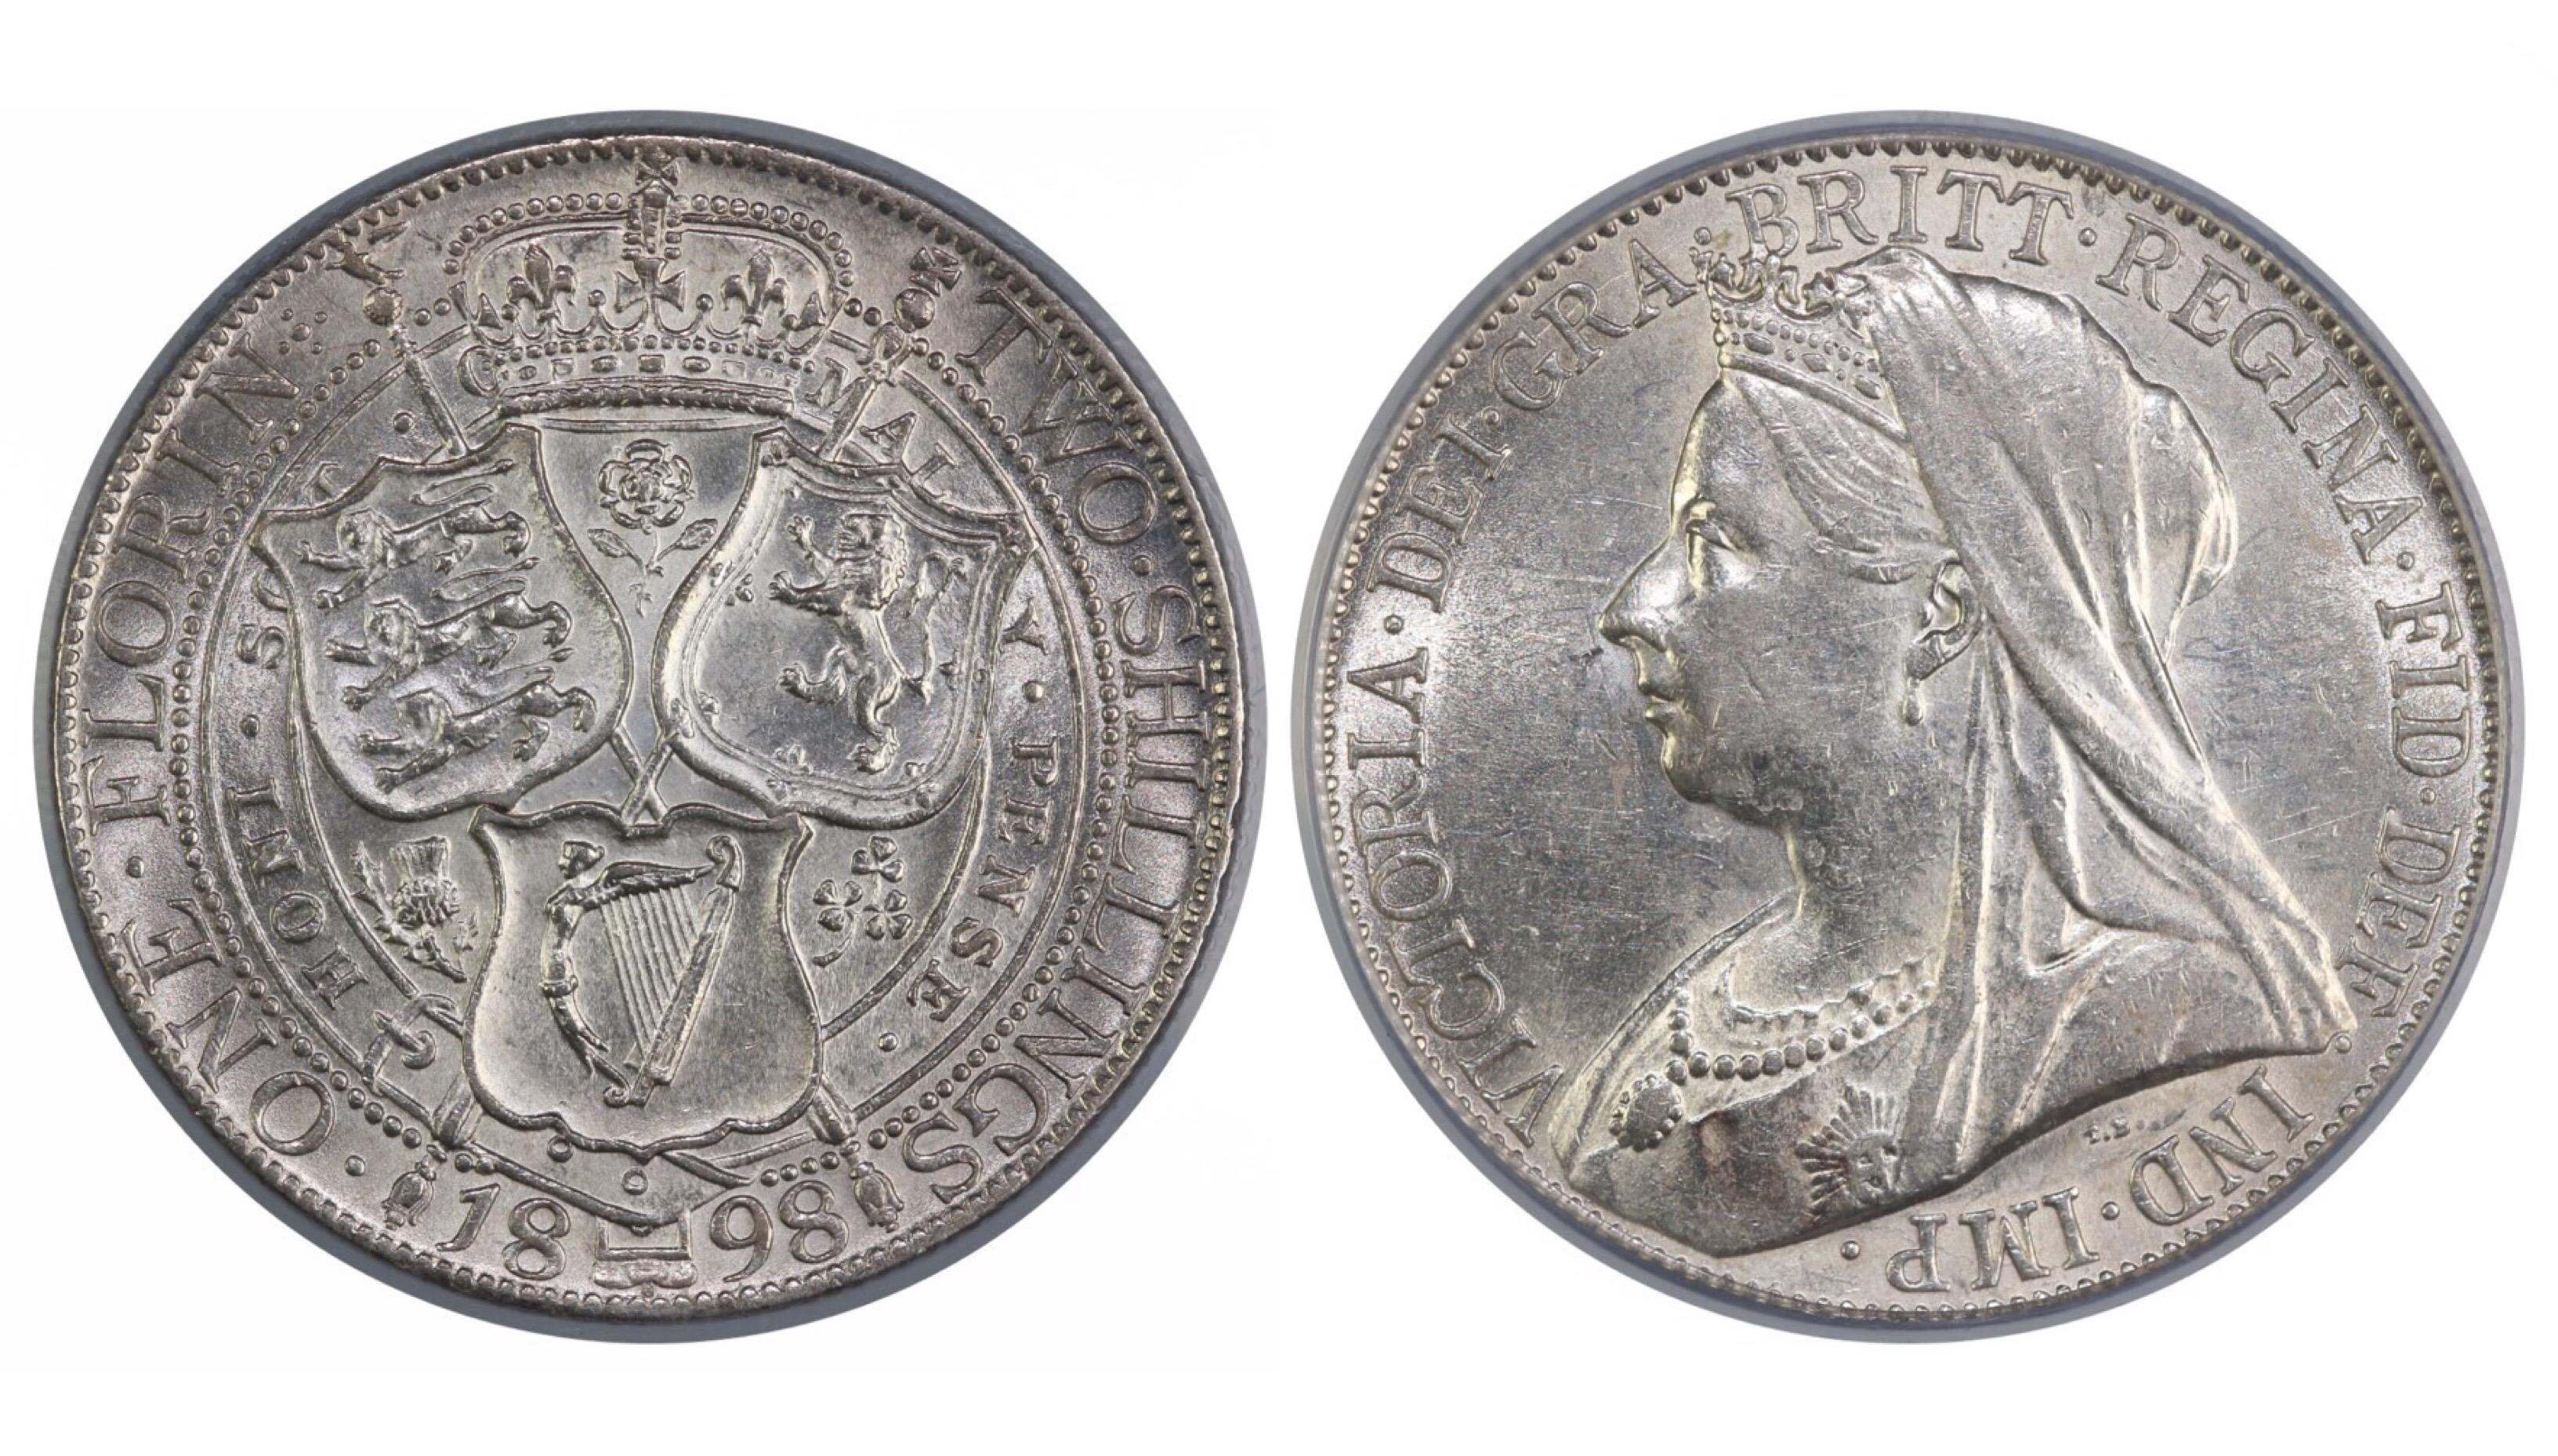 1898 Florin, CGS 65, Victoria, ESC 882, UIN 13768